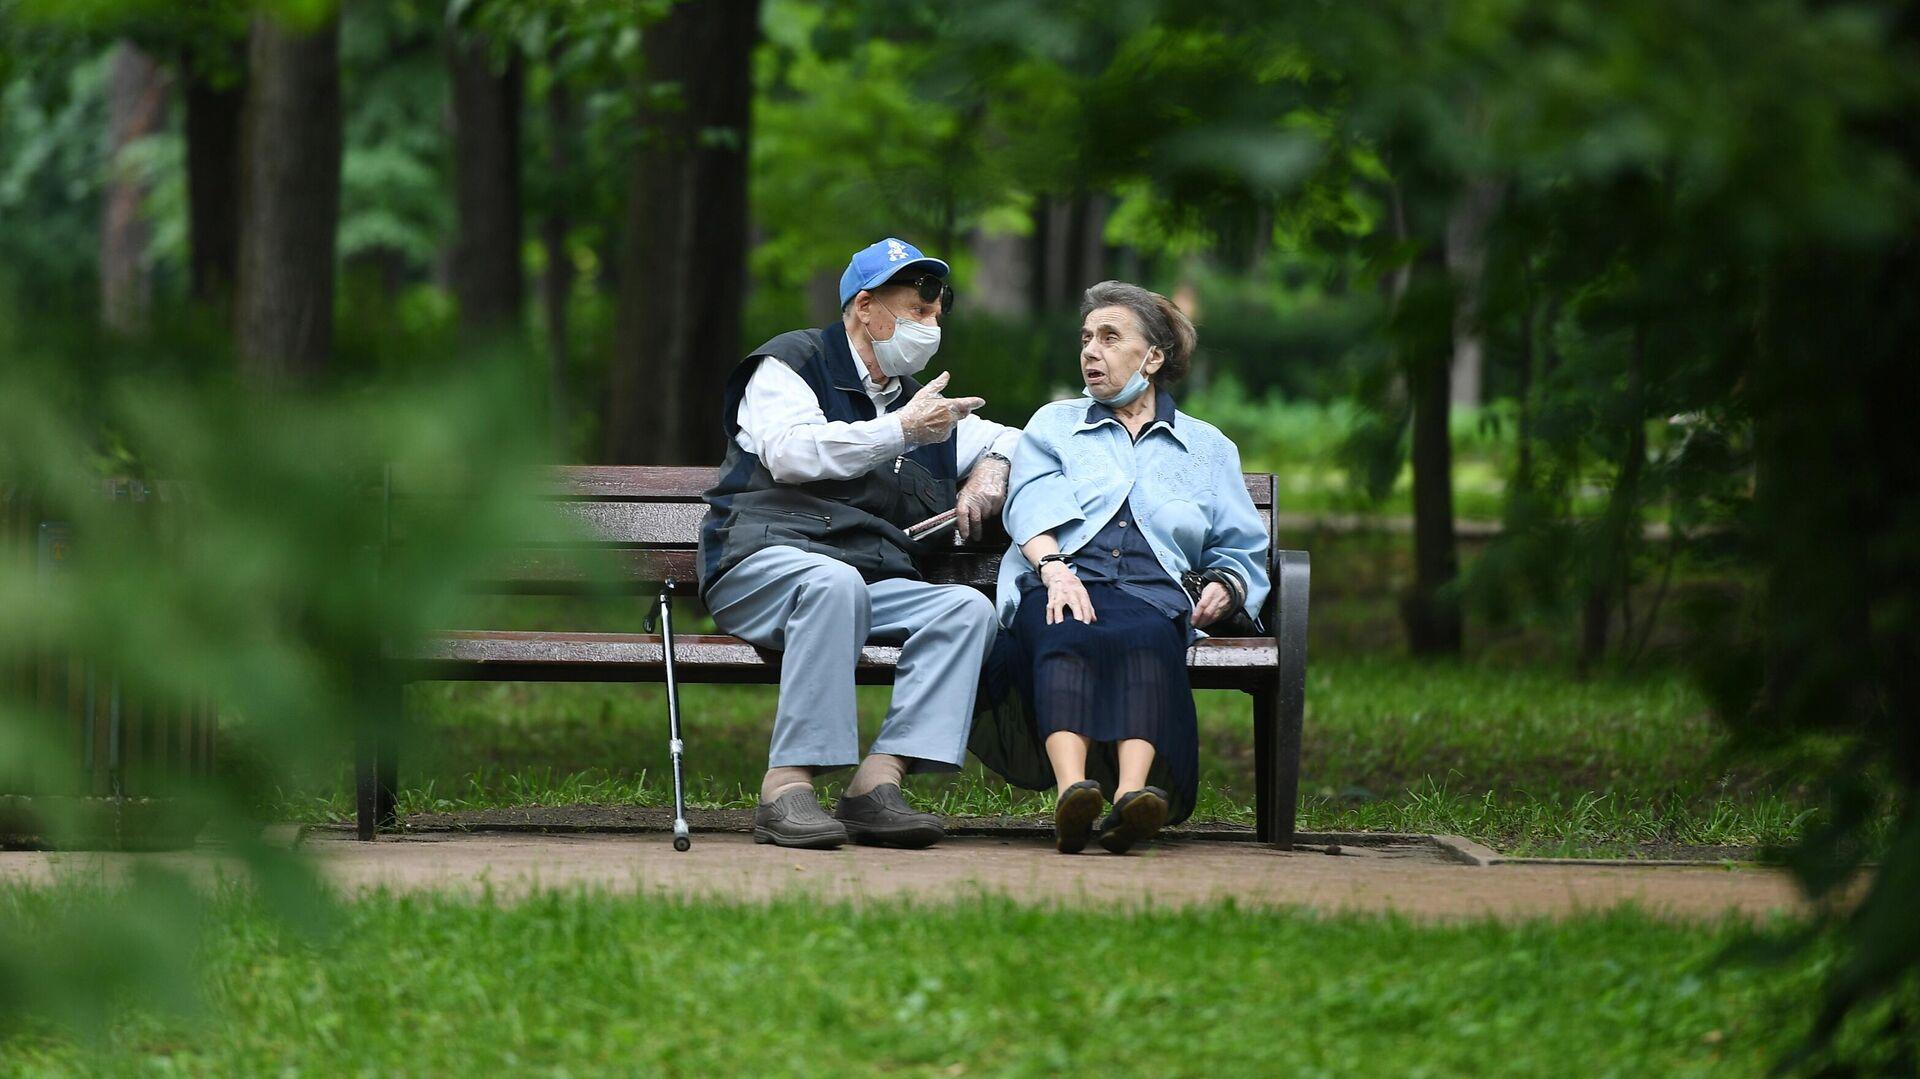 Отдыхающие пенсионеры в парке Сокольники в Москве - РИА Новости, 1920, 19.10.2020